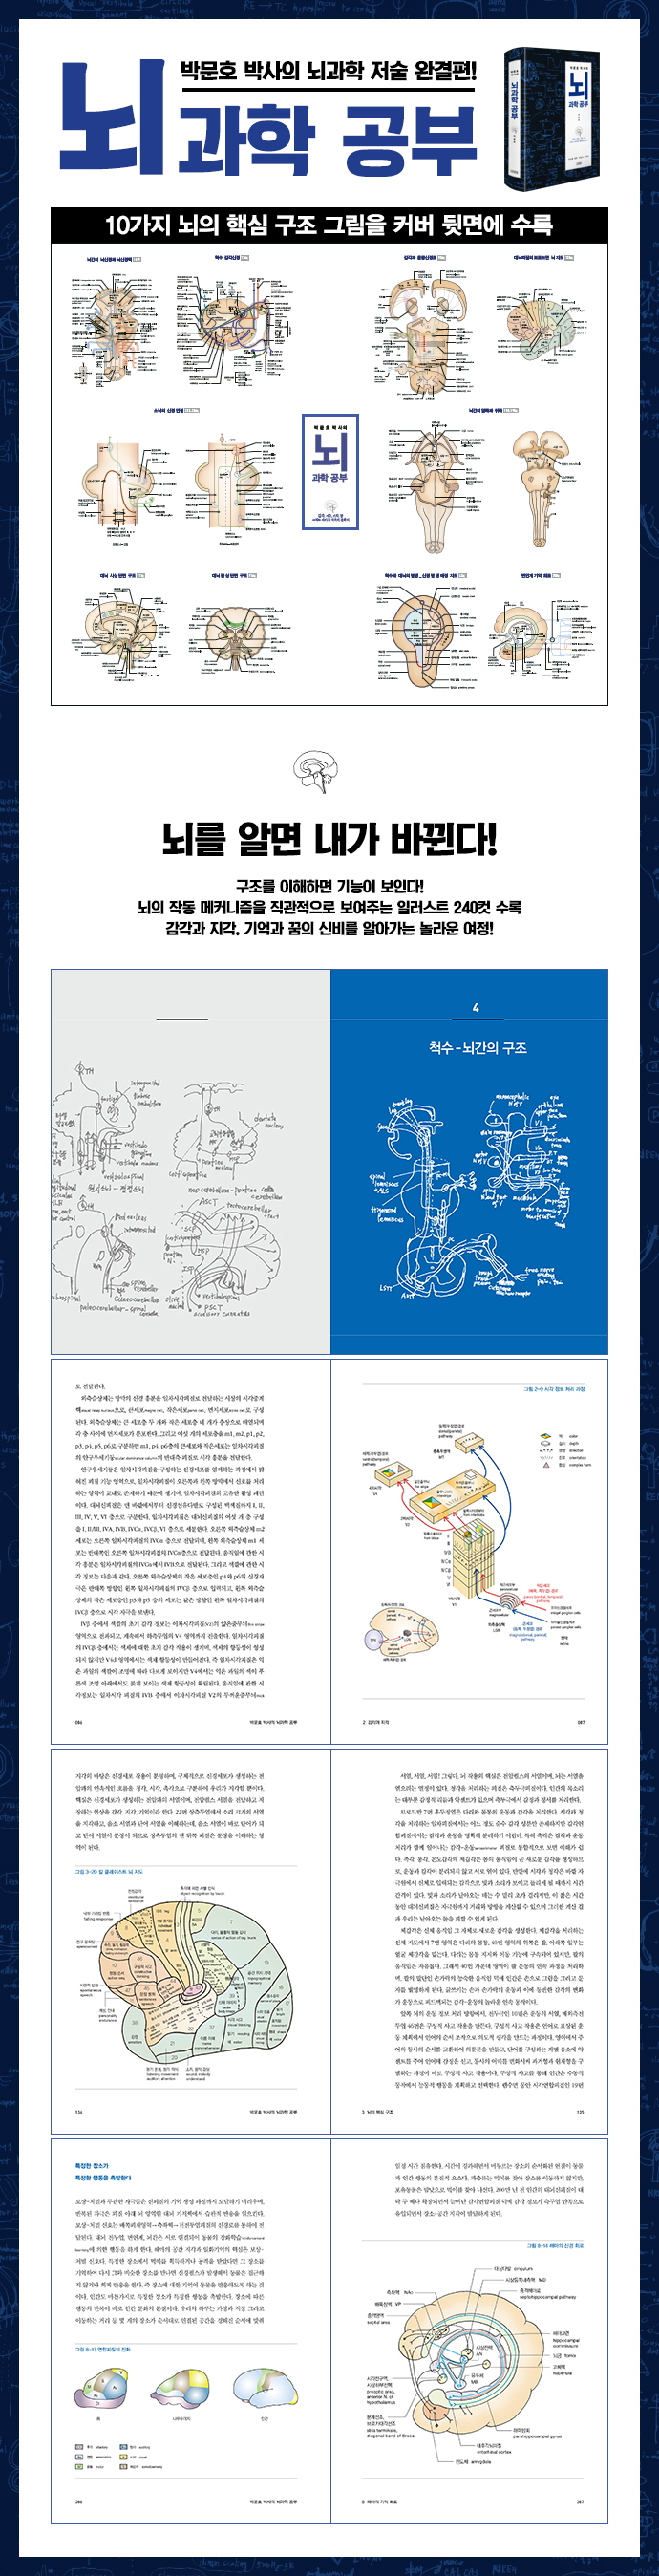 박문호 박사의 뇌과학 공부(양장본 HardCover) 도서 상세이미지